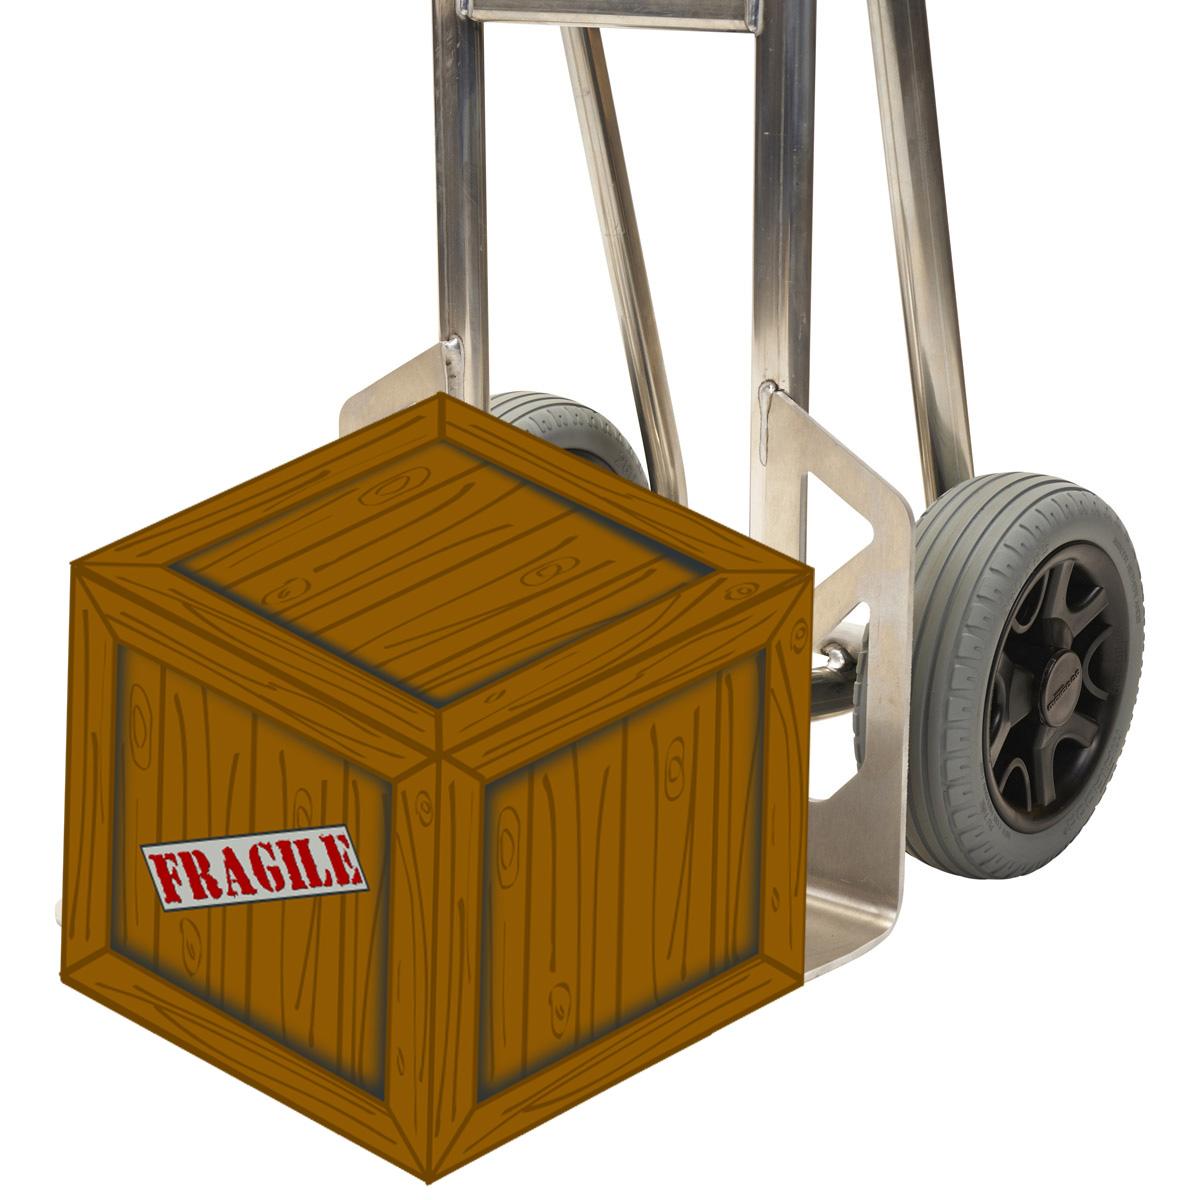 Rundumansichten der 300Kg Alu-Sackkarre mit 6mm Schaufel im Format 285*240mm